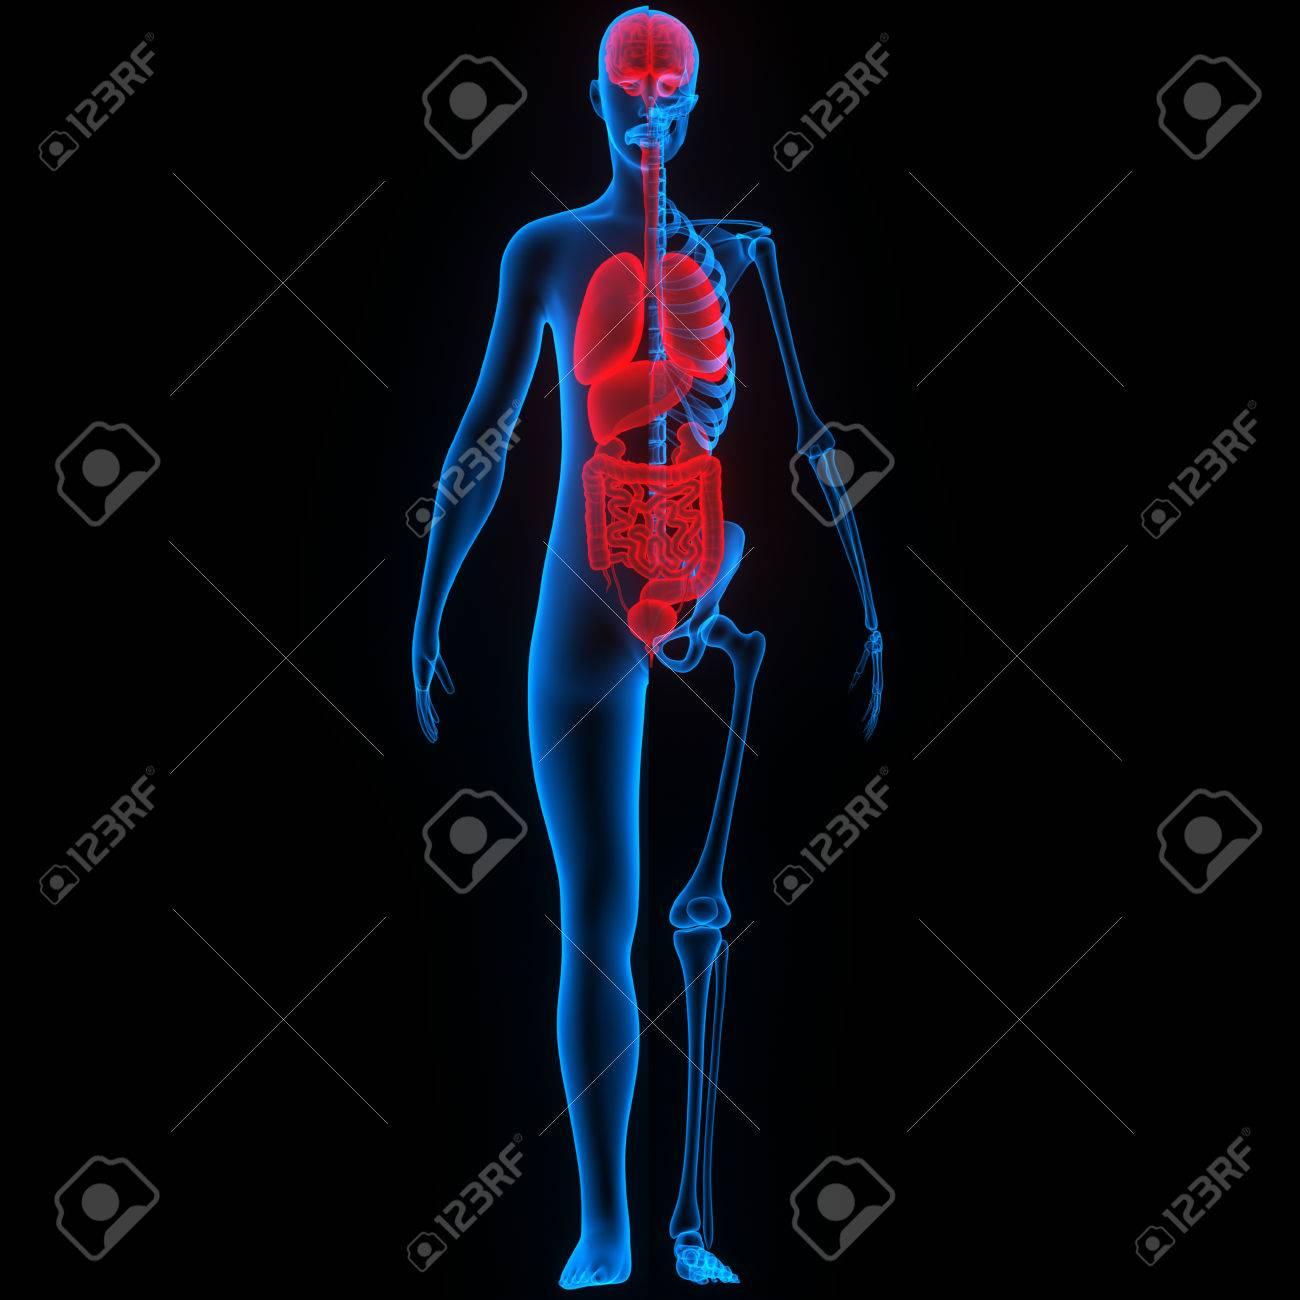 Menschlicher Körper Organe Anatomie Lizenzfreie Fotos, Bilder Und ...